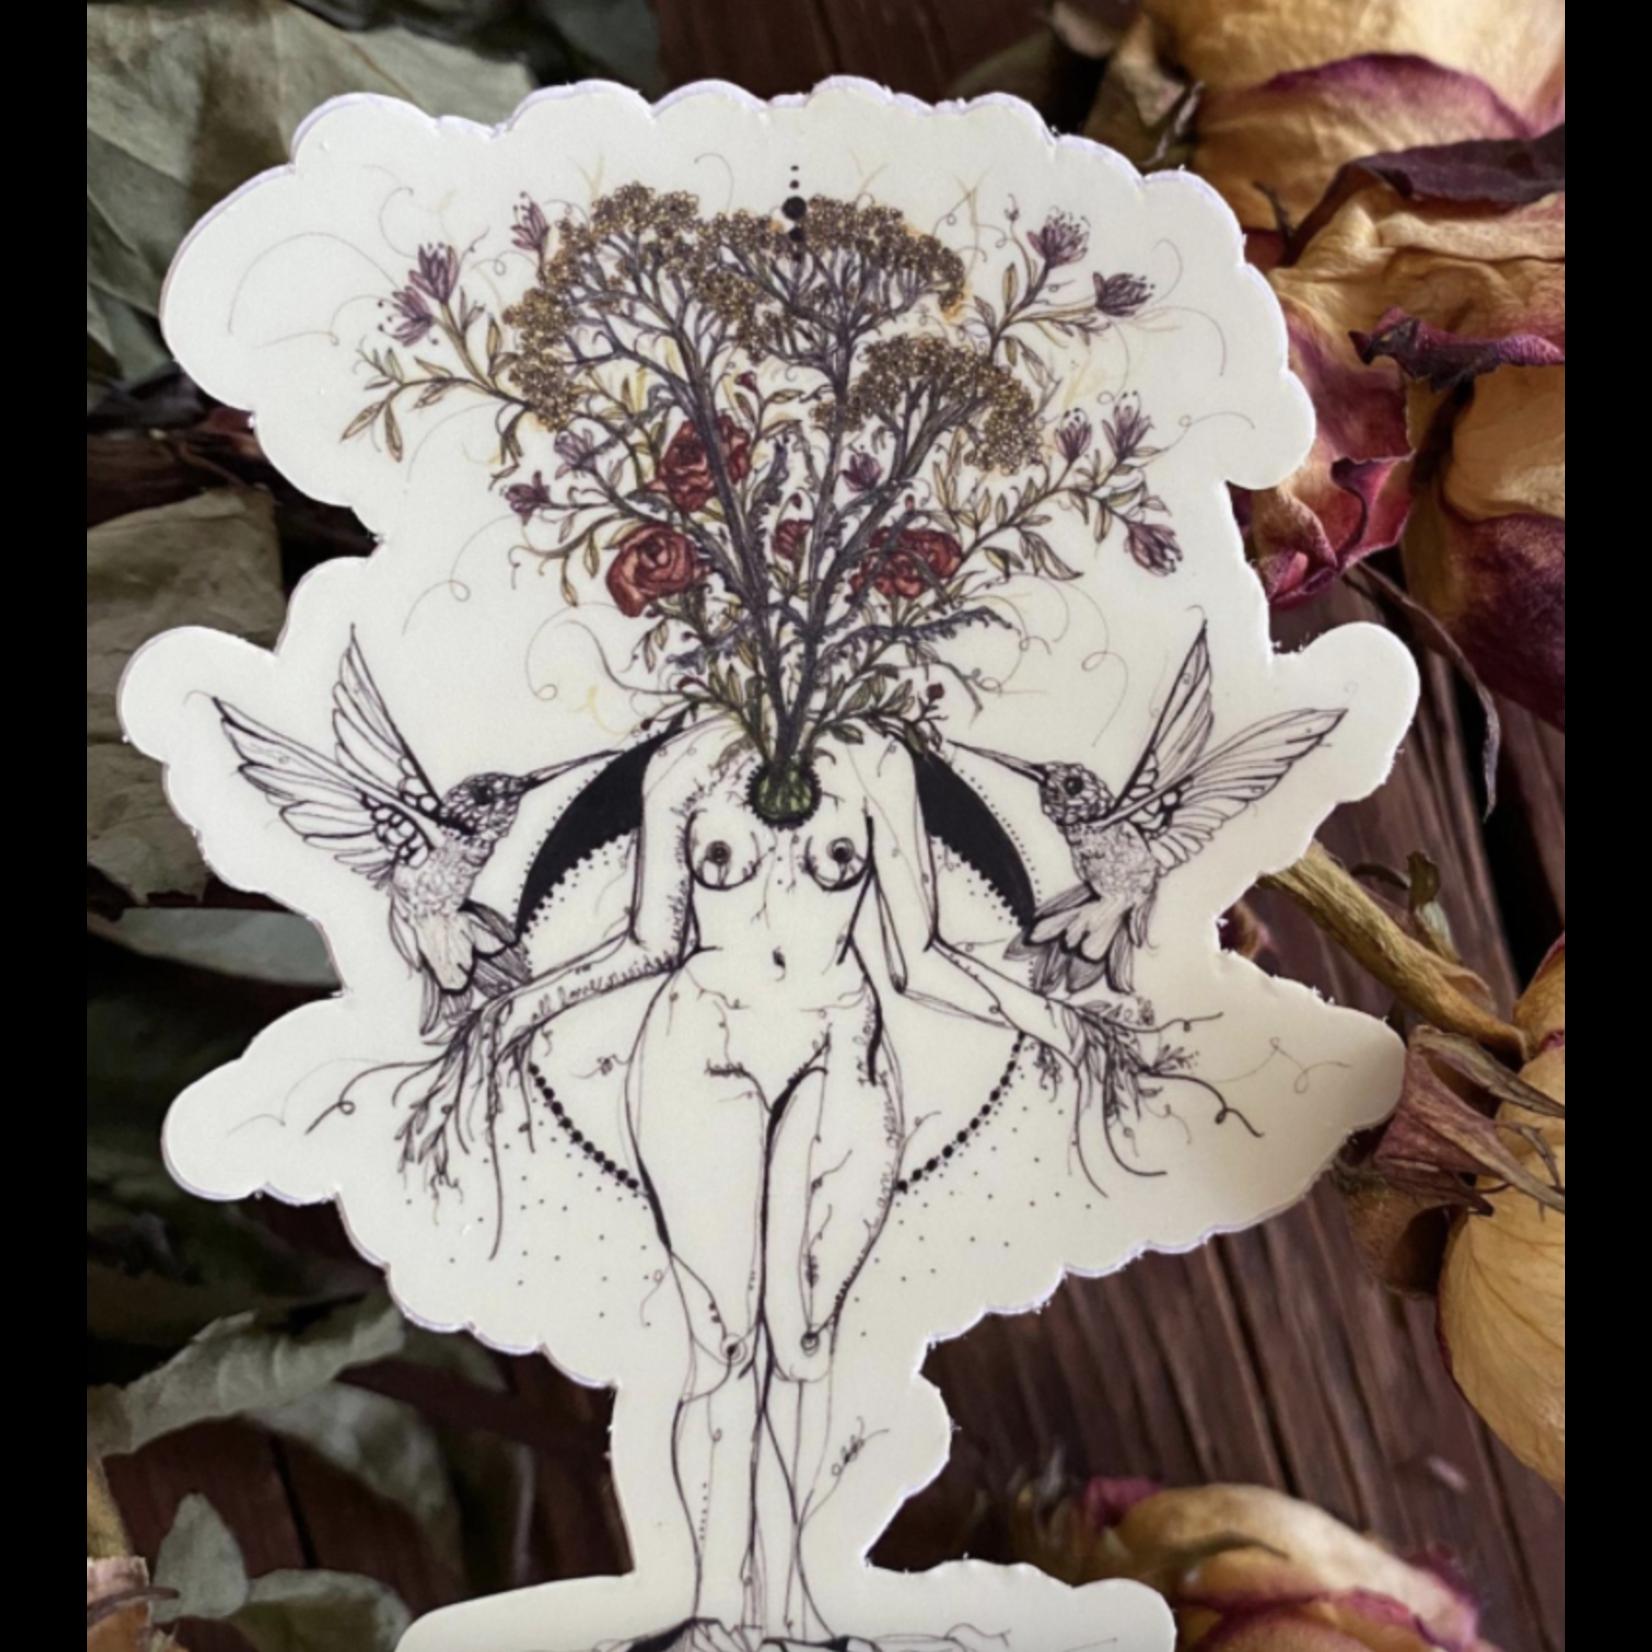 Marcy Ellis Vinyl Stickers